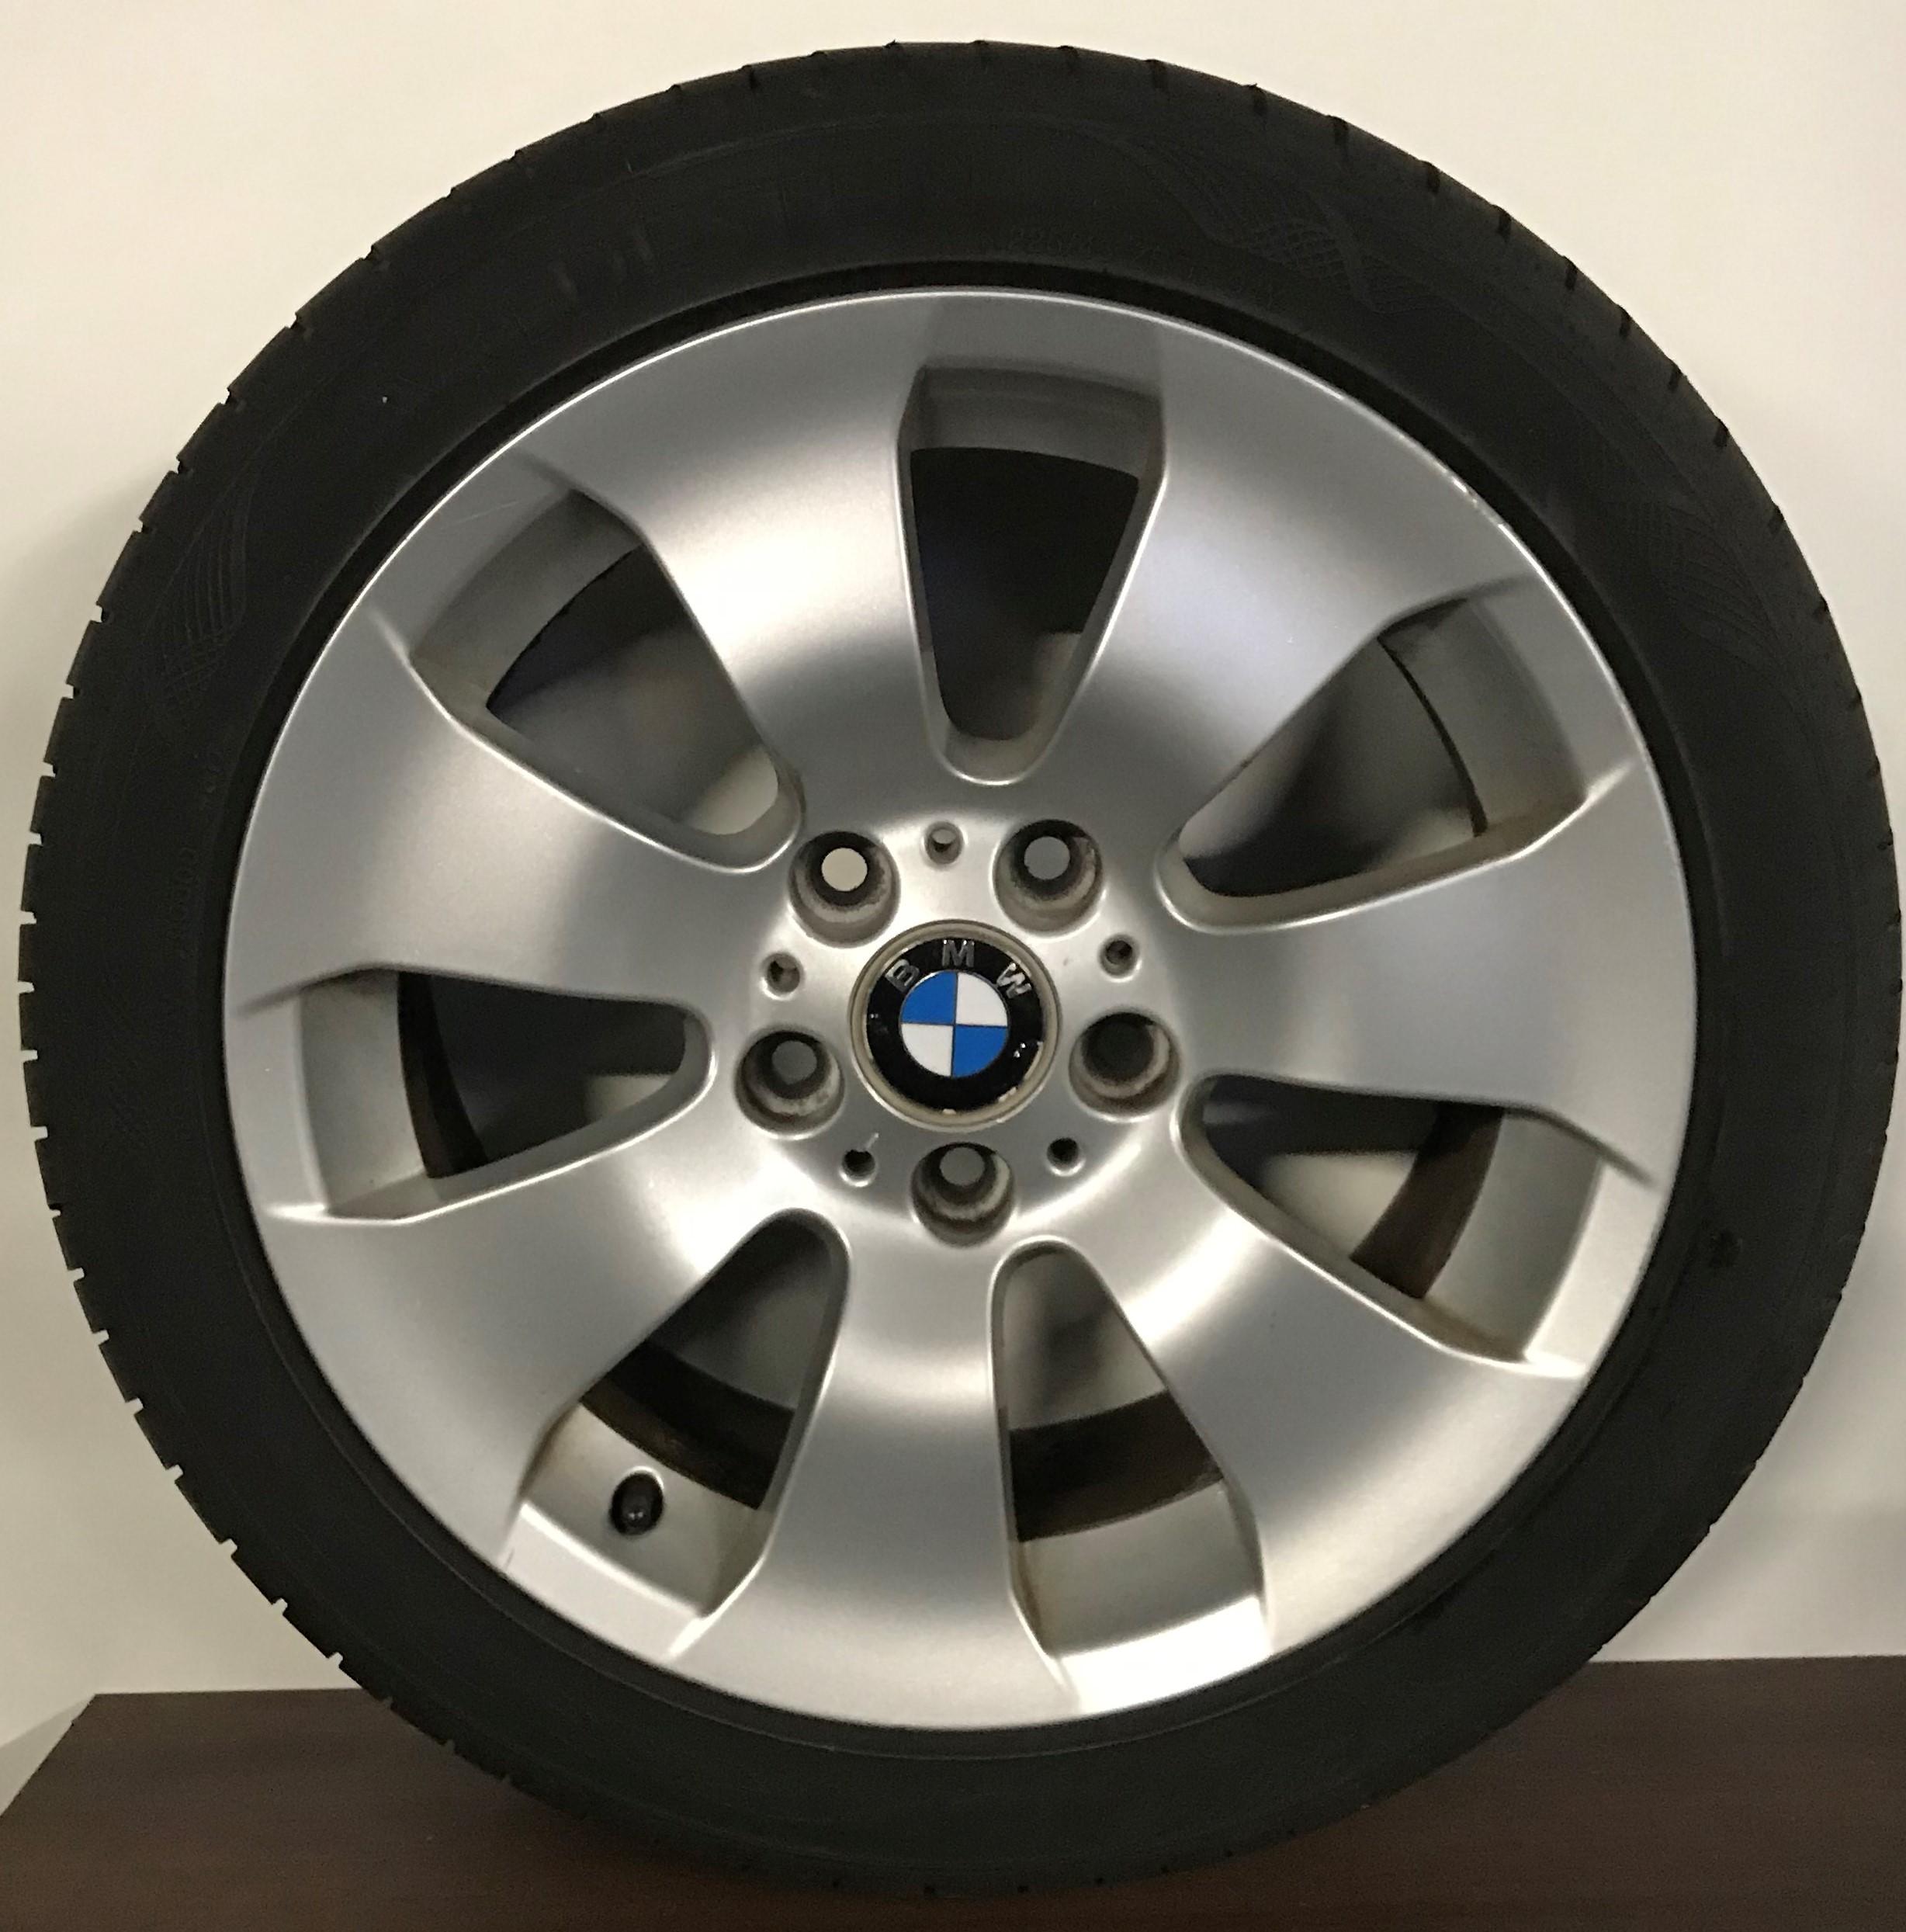 gebruikte set BMW 17 inch